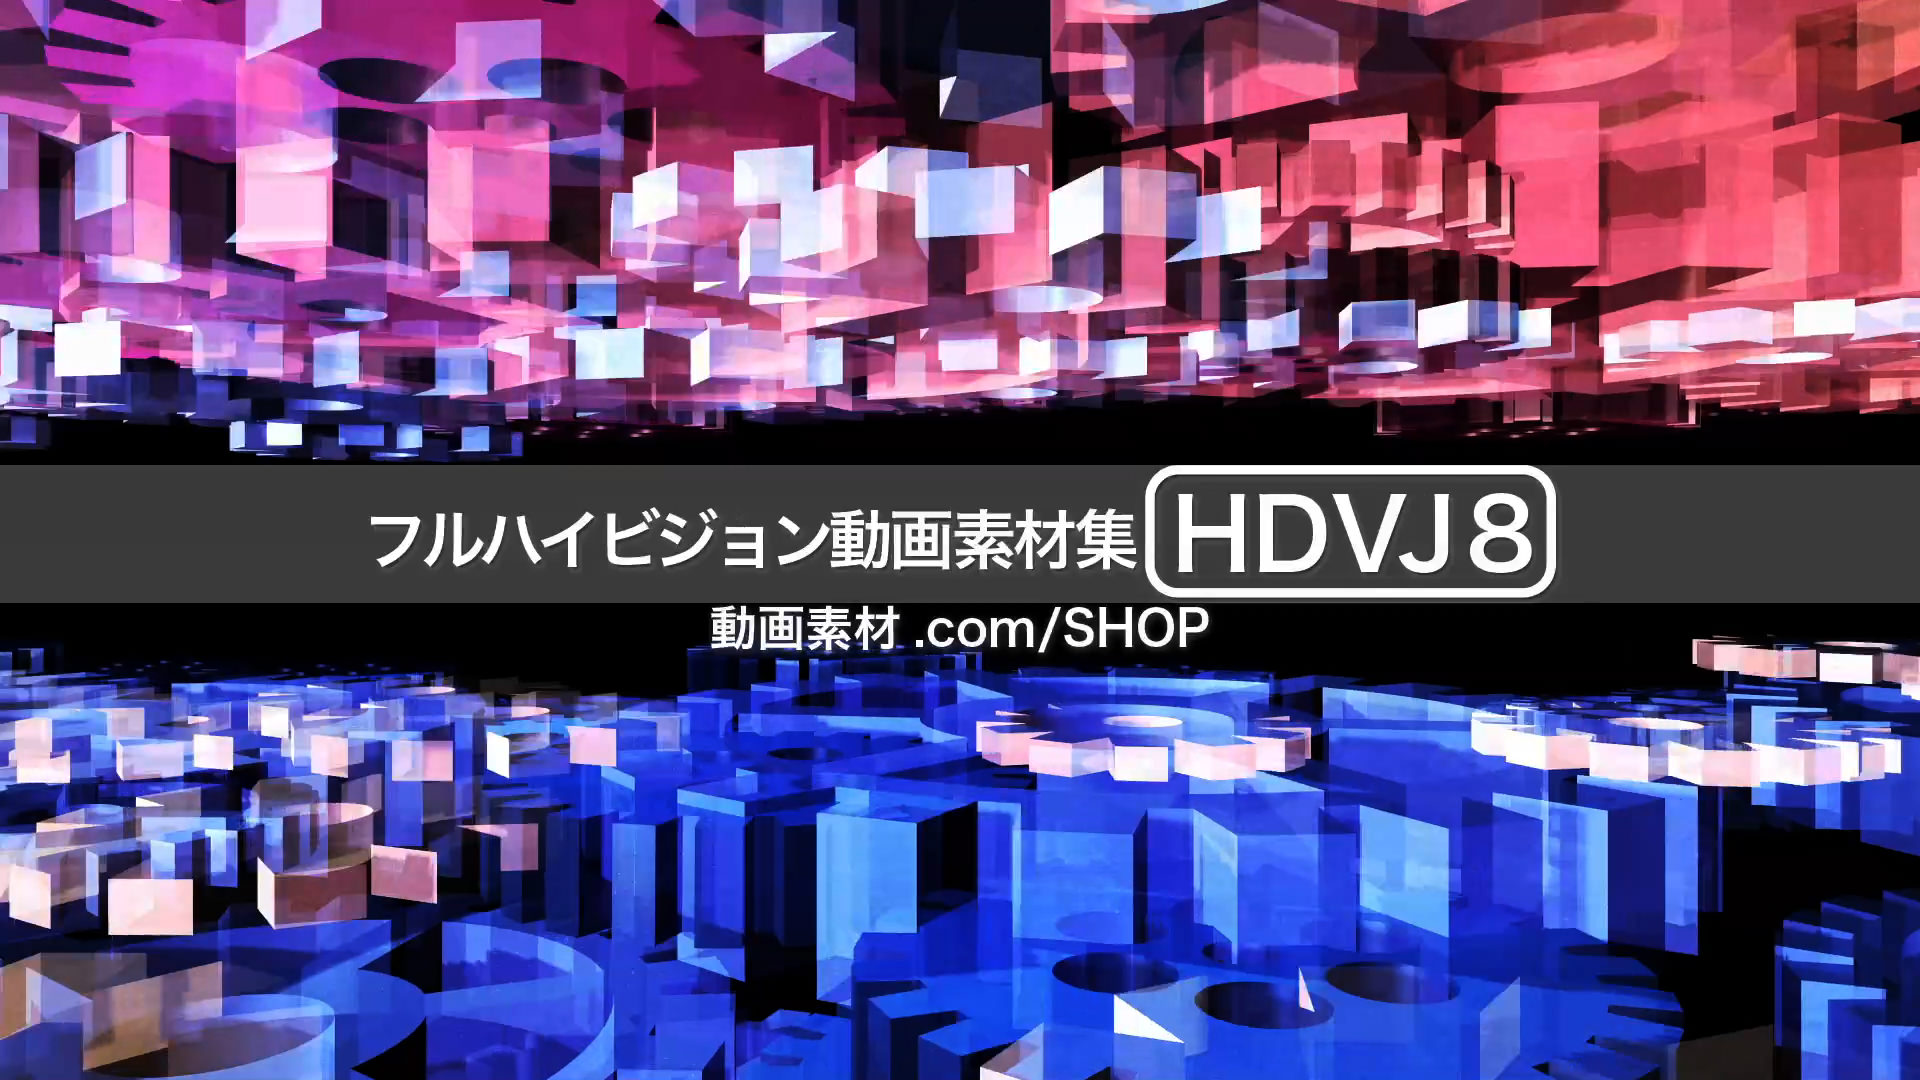 HDVJ8_09